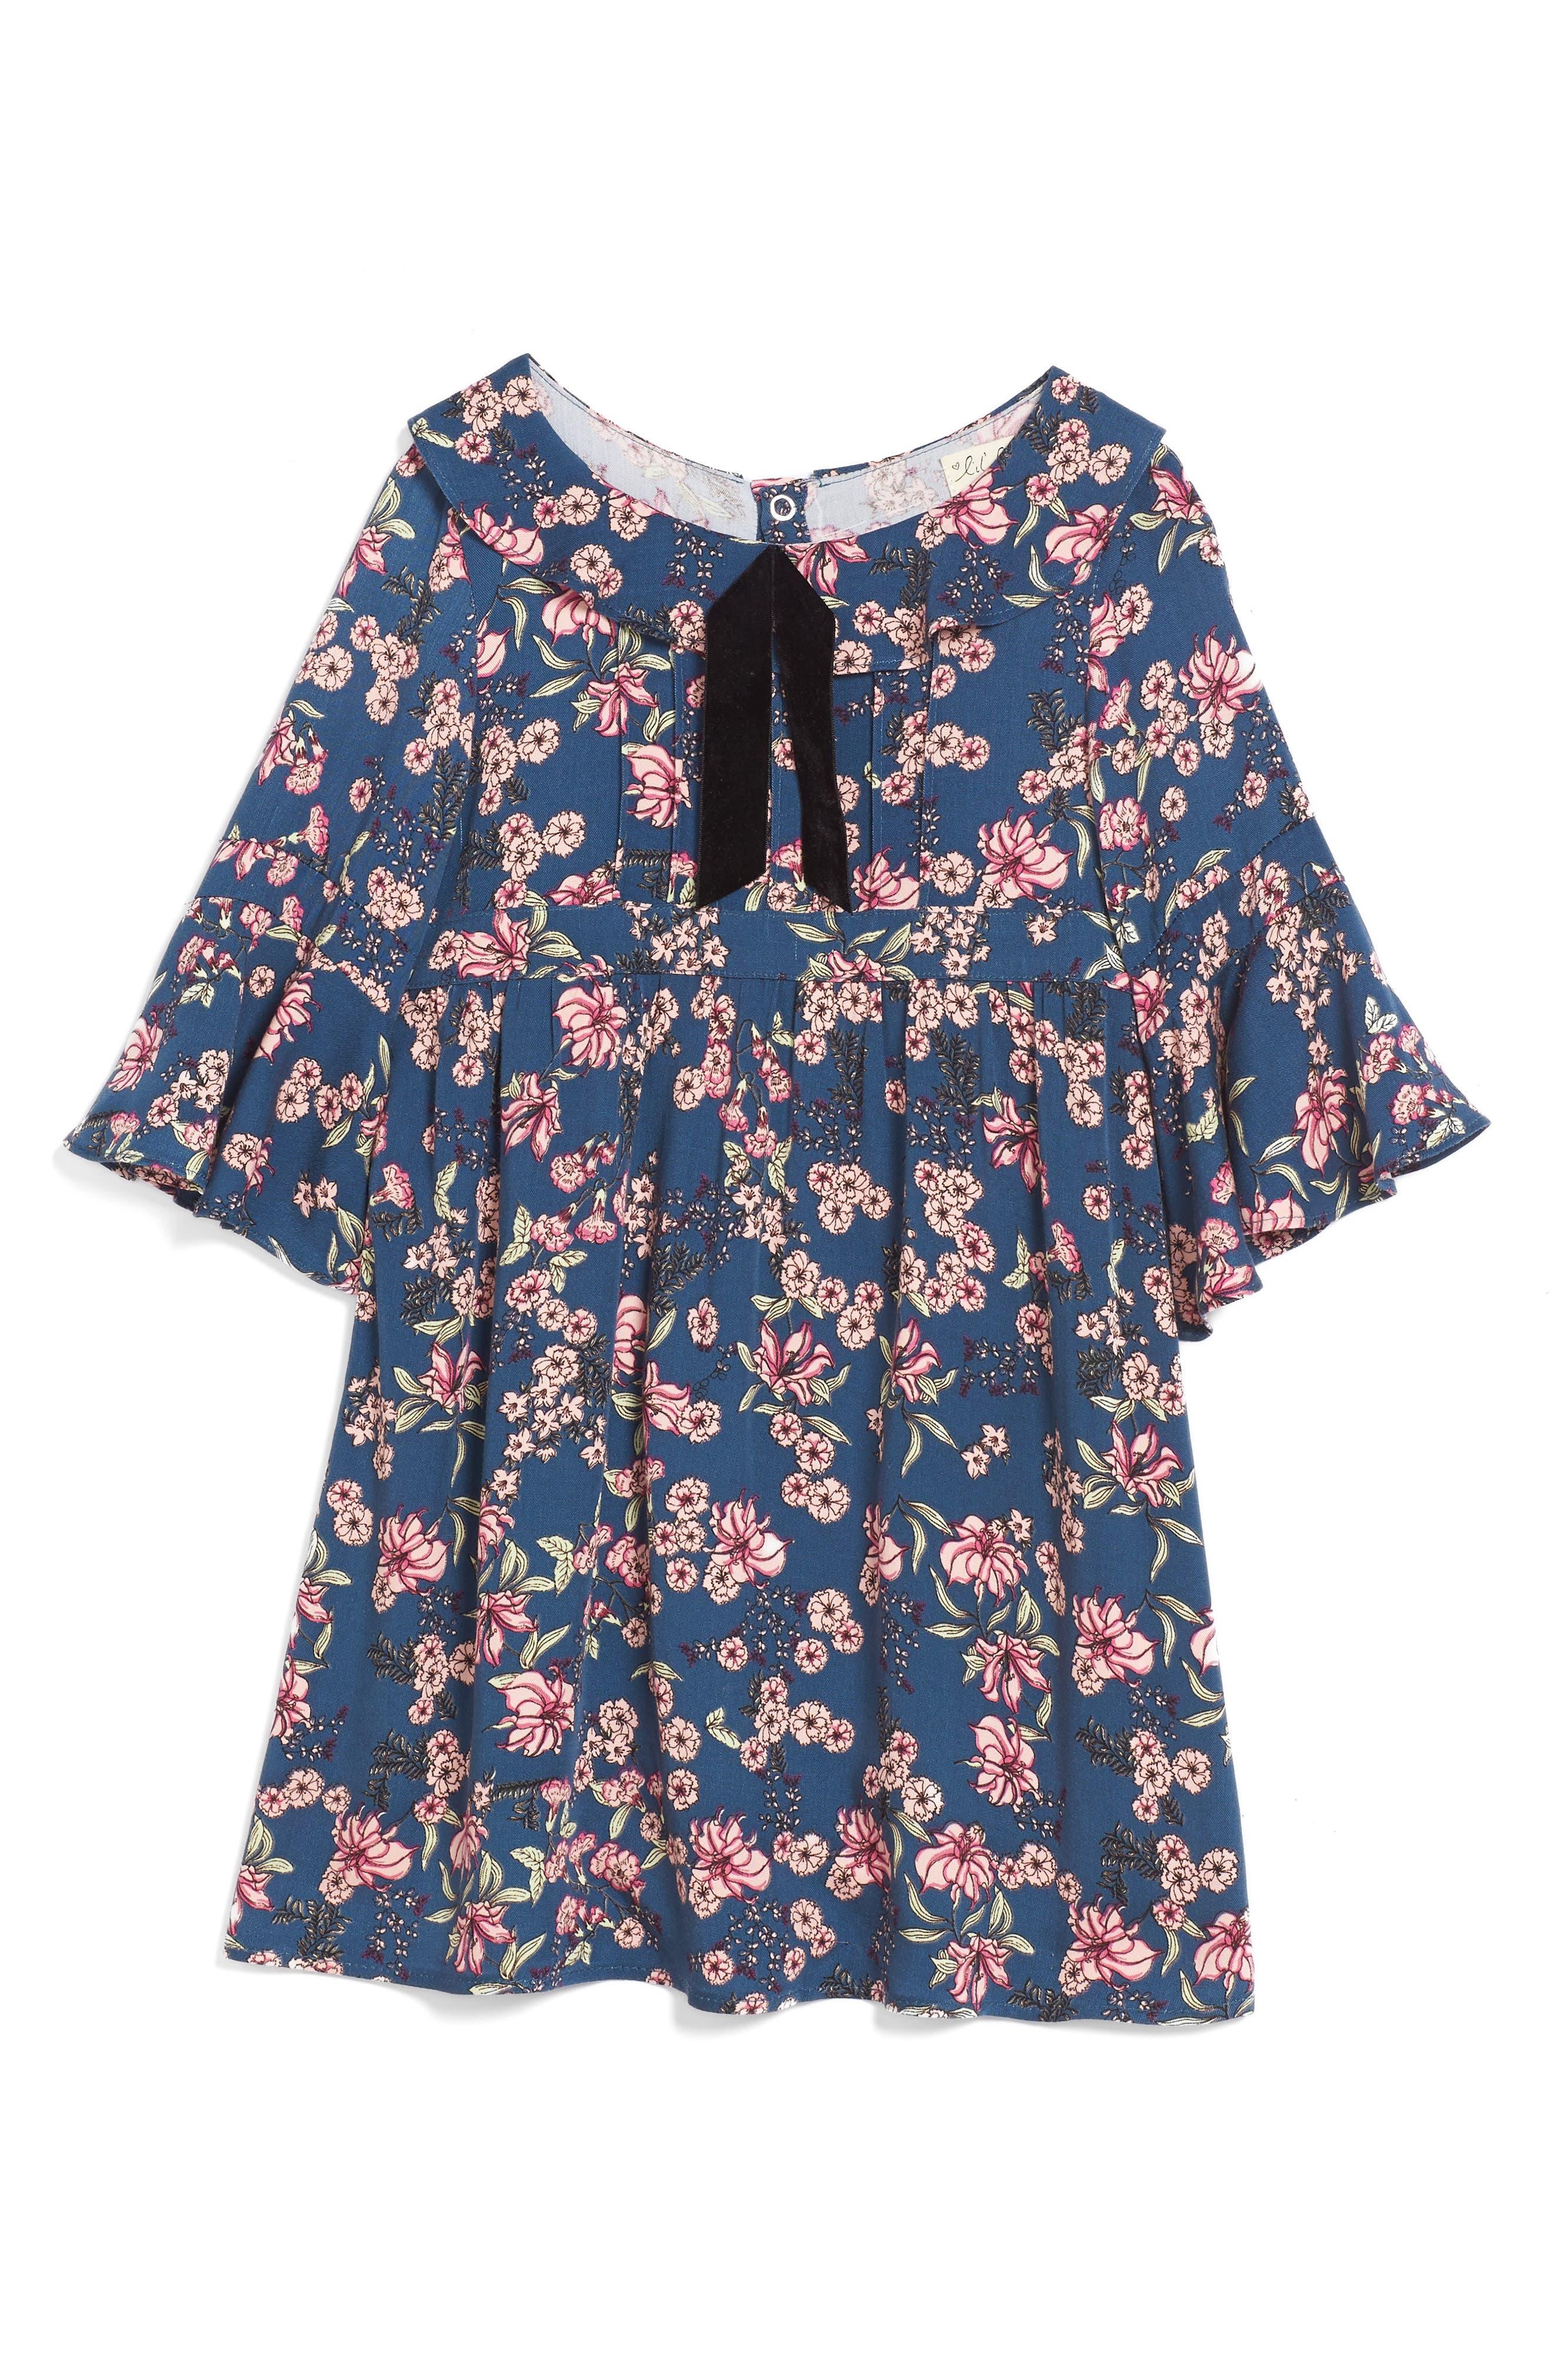 Alternate Image 1 Selected - For Love & Lemons Juniper Floral Bell Sleeve Dress (Toddler Girls & Little Girls)